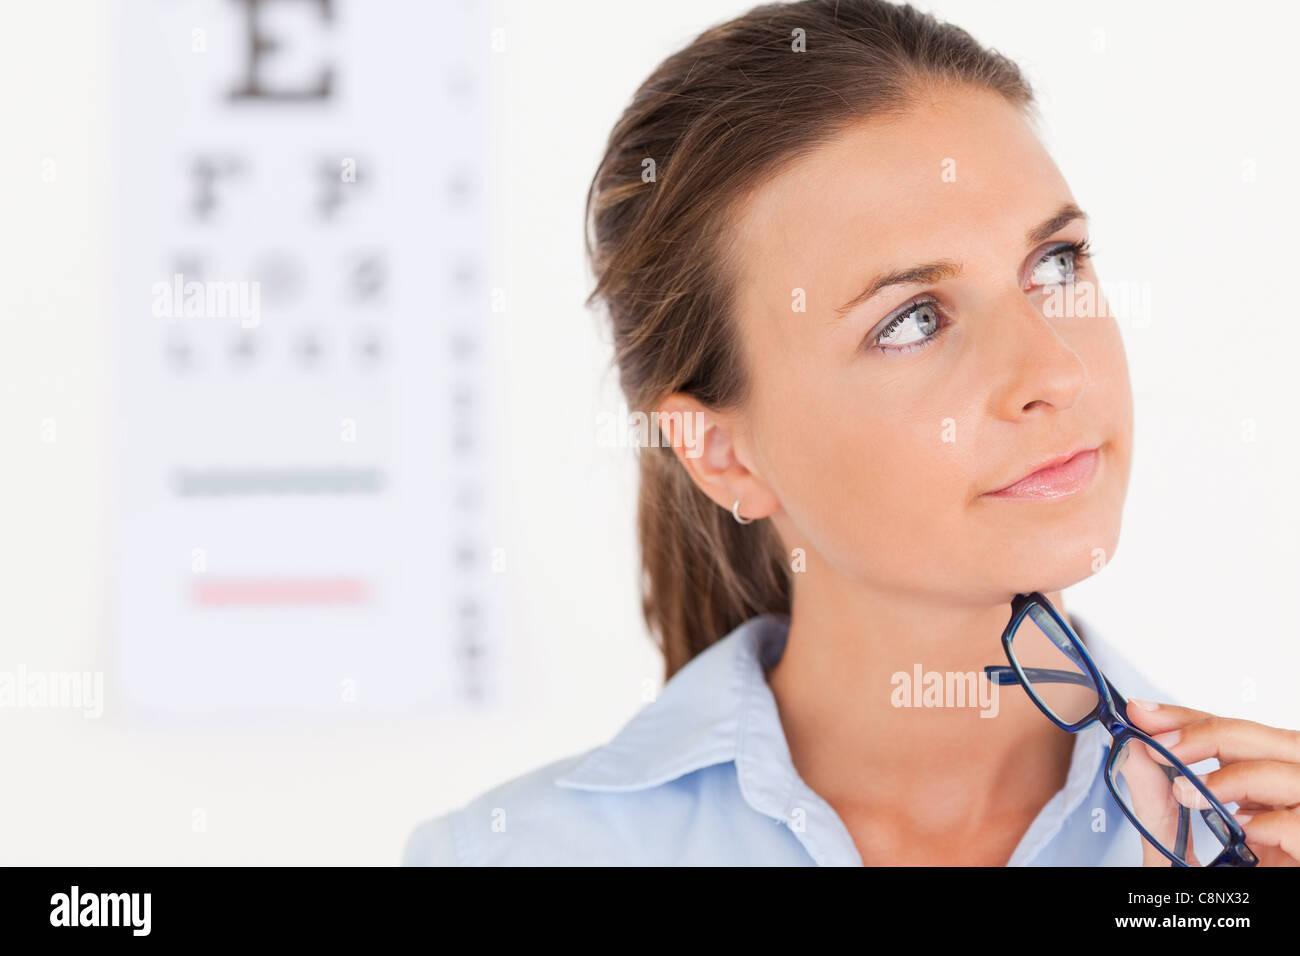 Thinking eye specialist - Stock Image